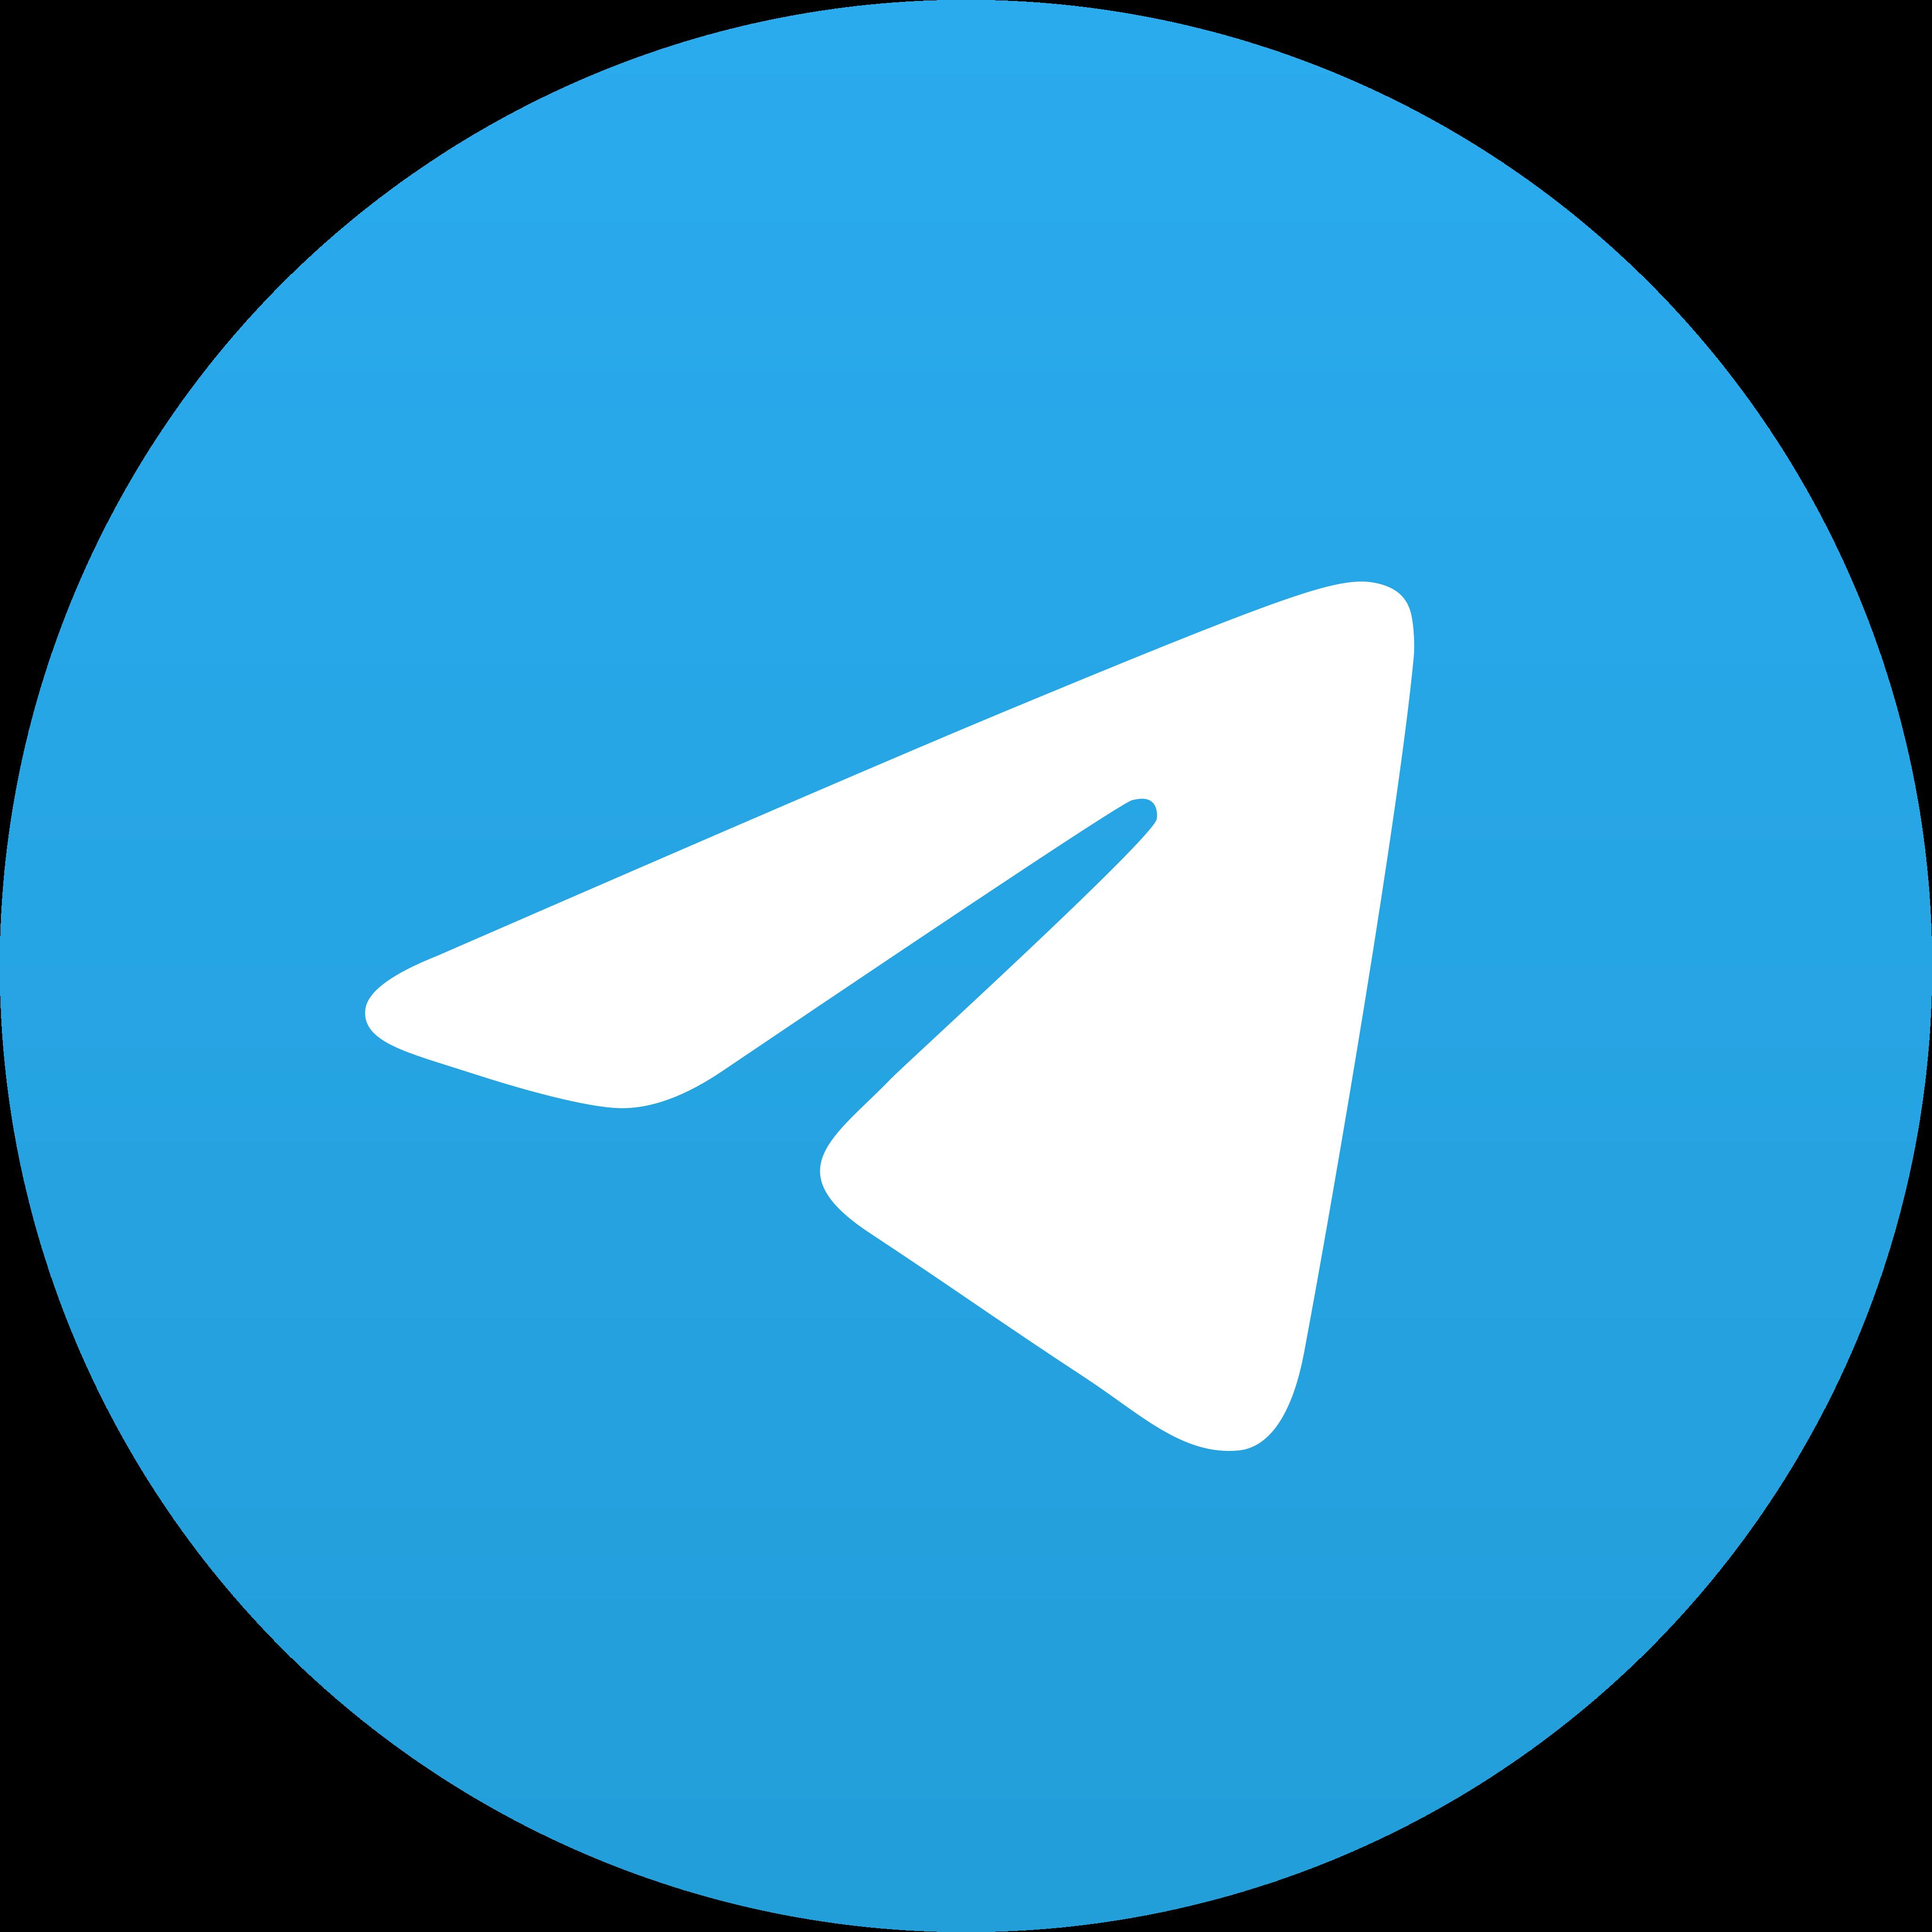 telegram logo 8 - Telegram Logo